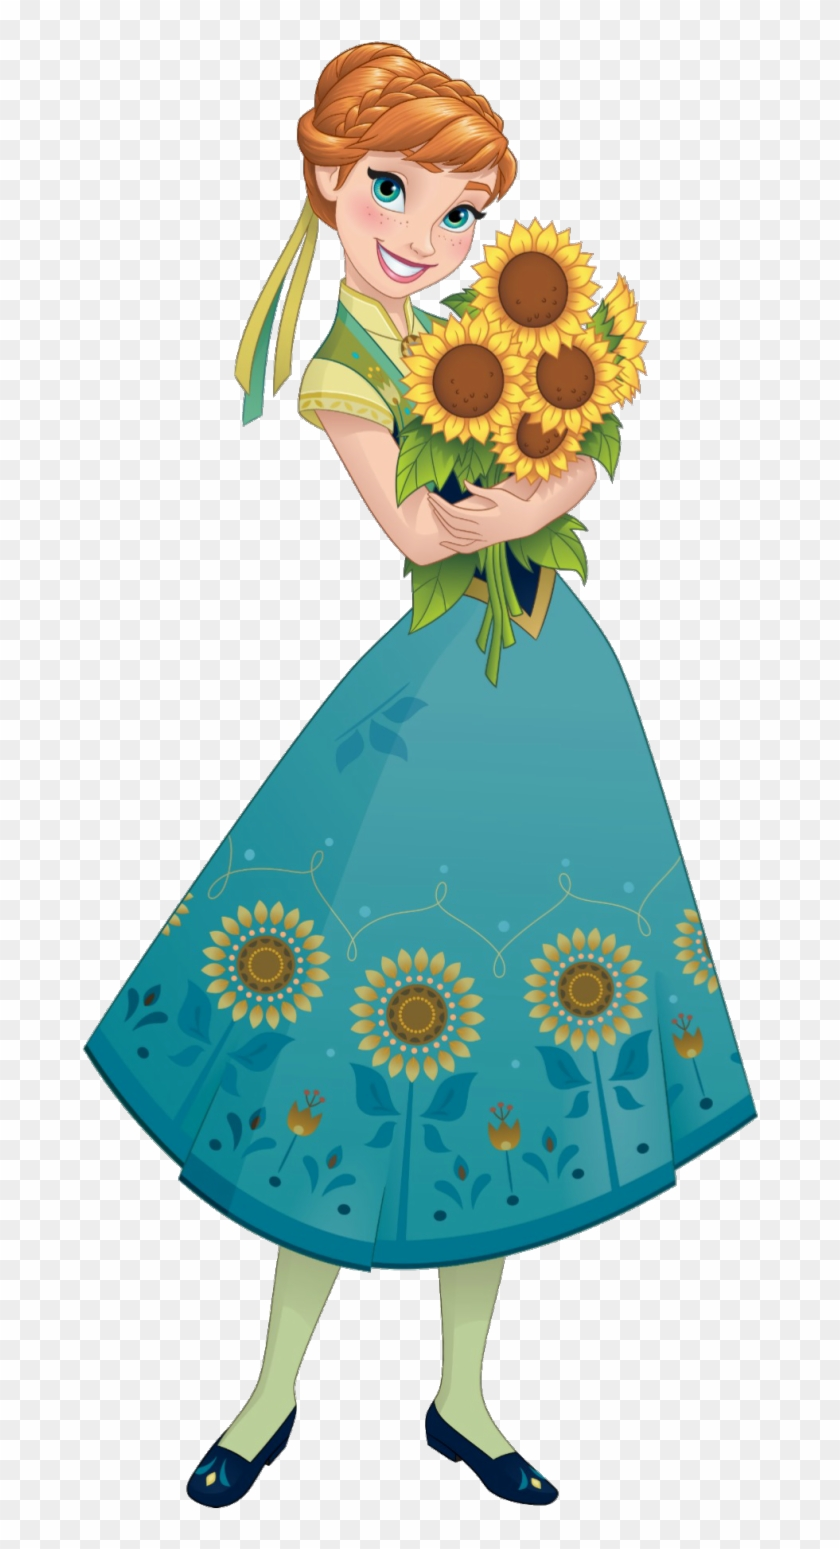 Princess anna clipart png free Braid Clipart Anna Frozen - Princess Anna Frozen Fever, HD ... png free